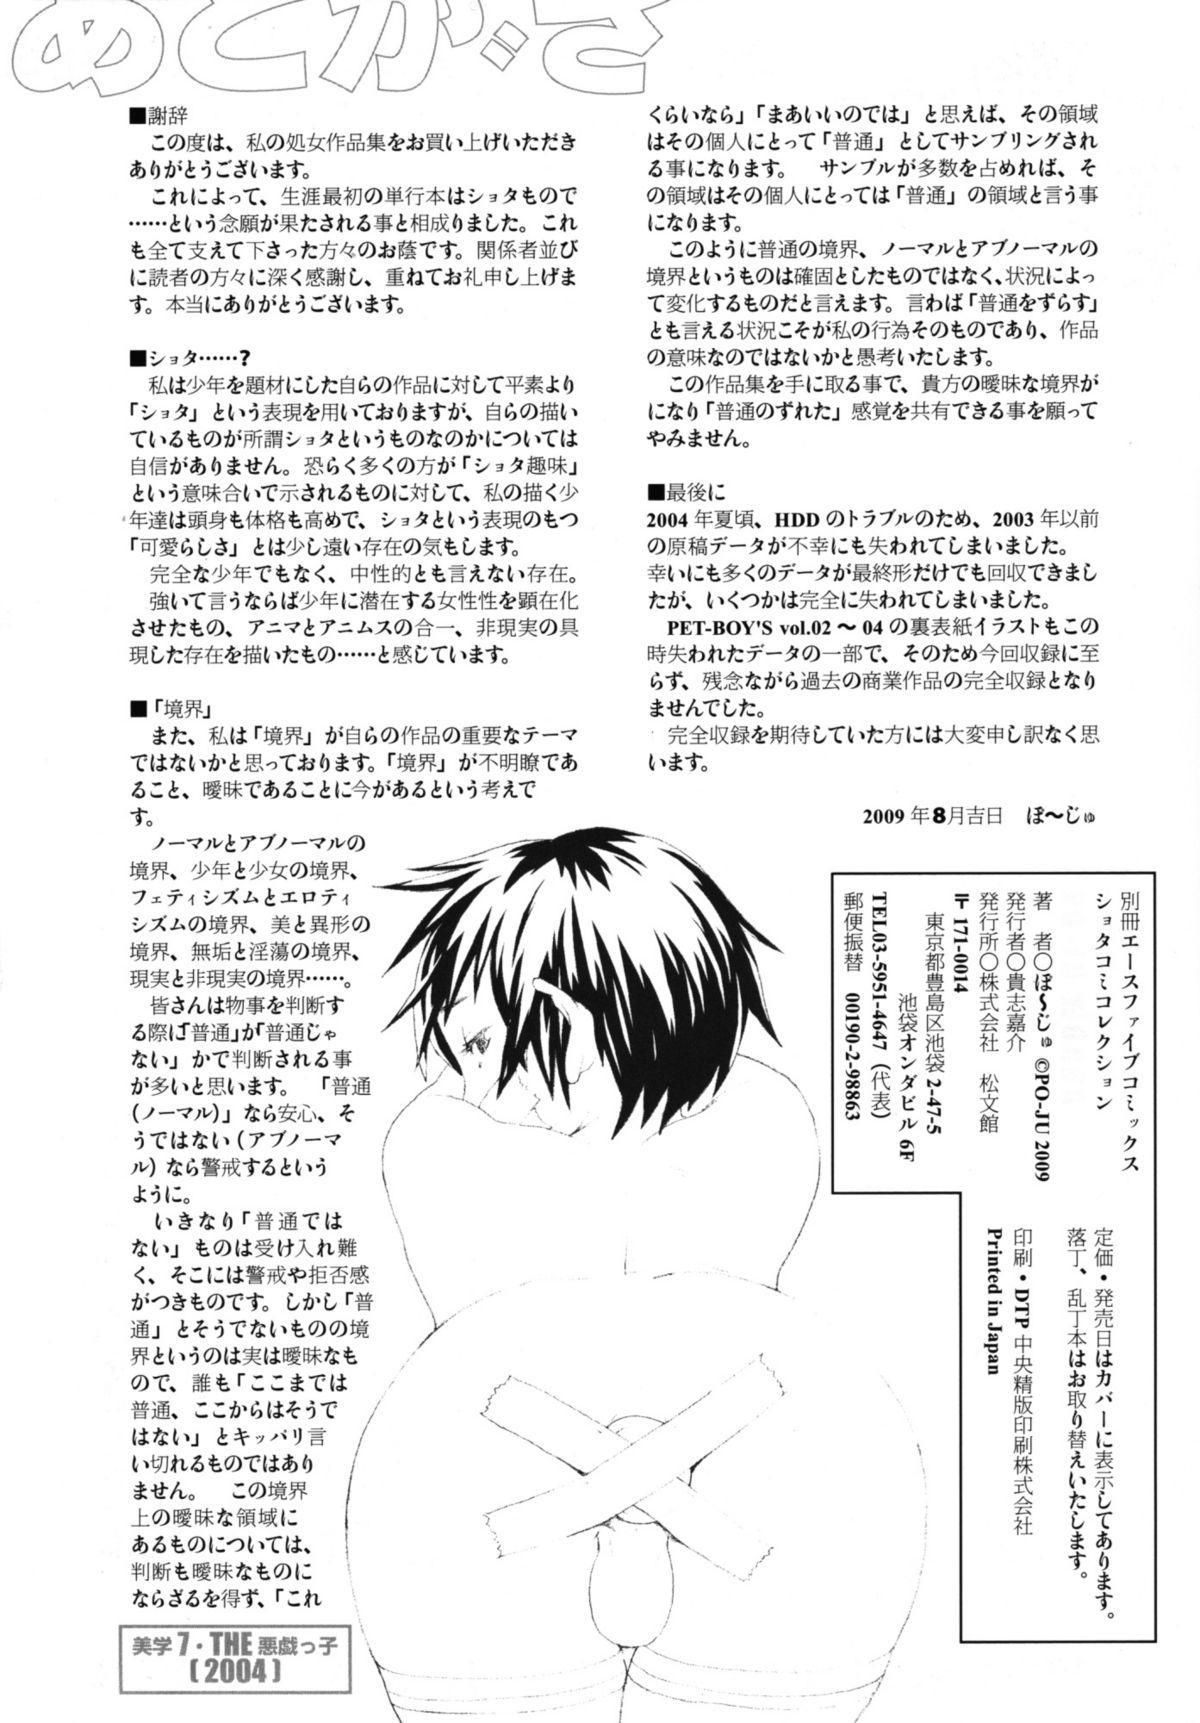 [Po-Ju] PO-JU WORKS - Po-Ju Shota Shougyoushi Zensakuhinshuu 1998-2009 199